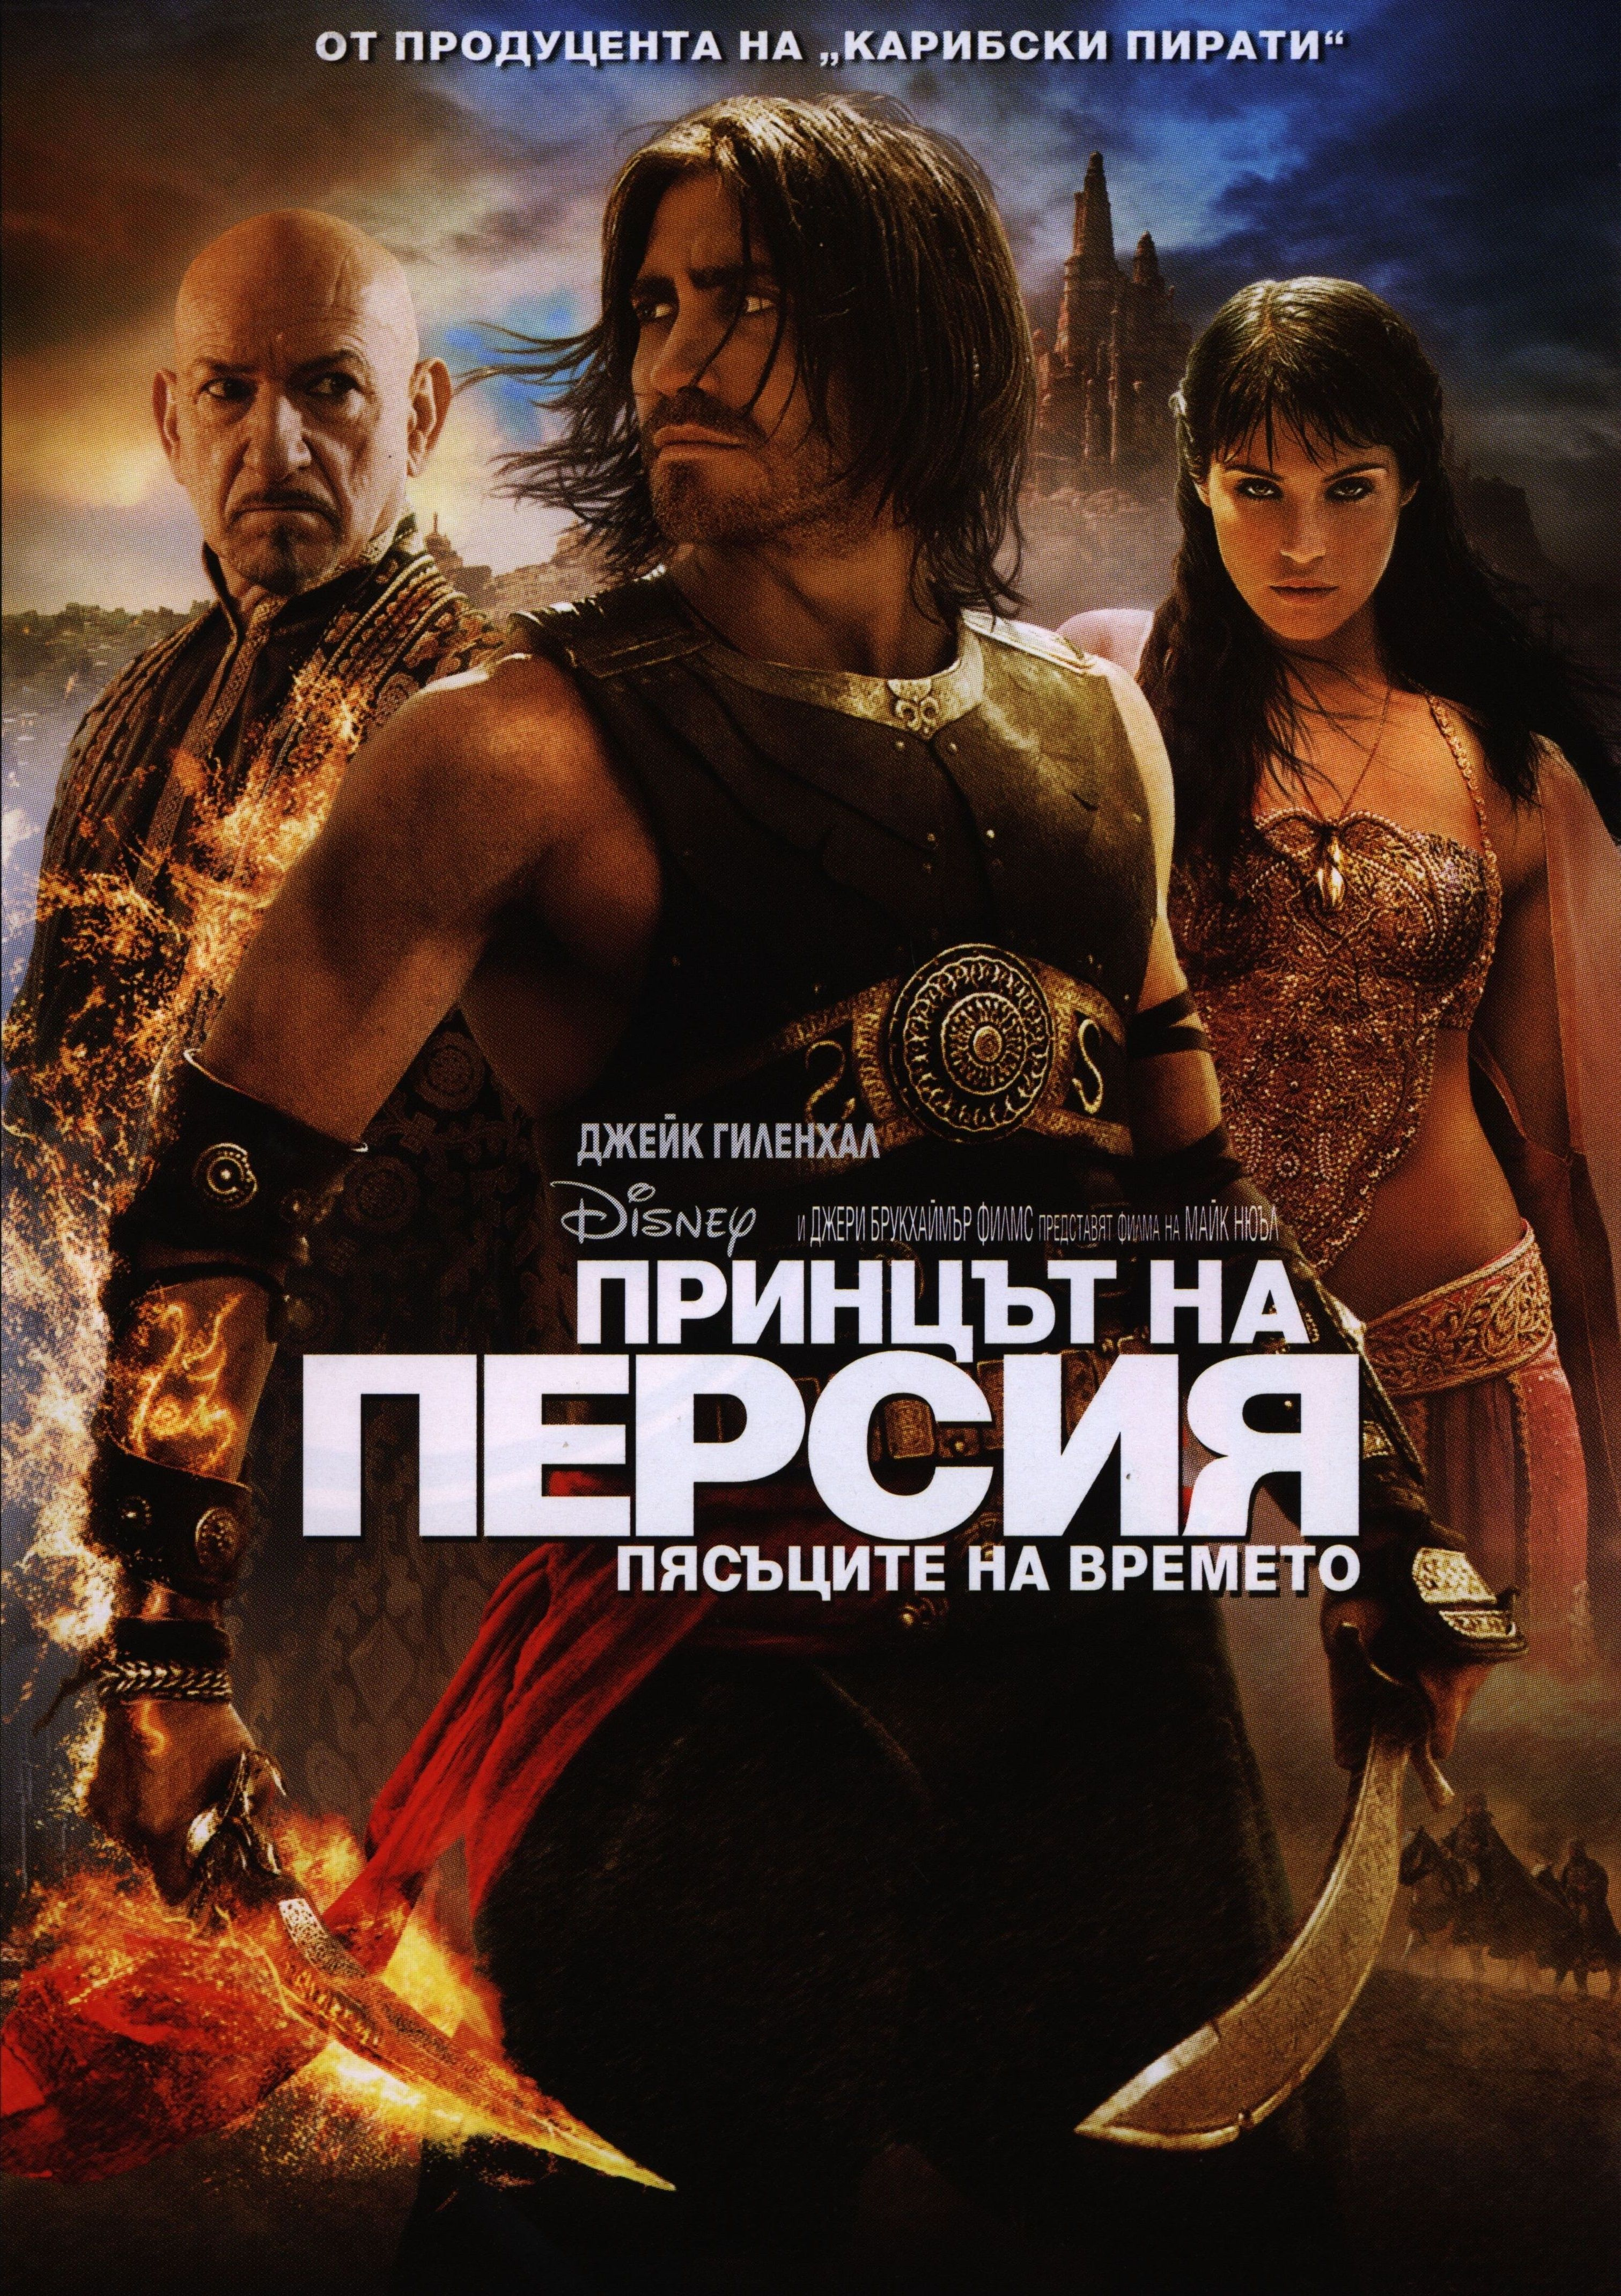 Принцът на Персия: Пясъците на времето (DVD) - 1